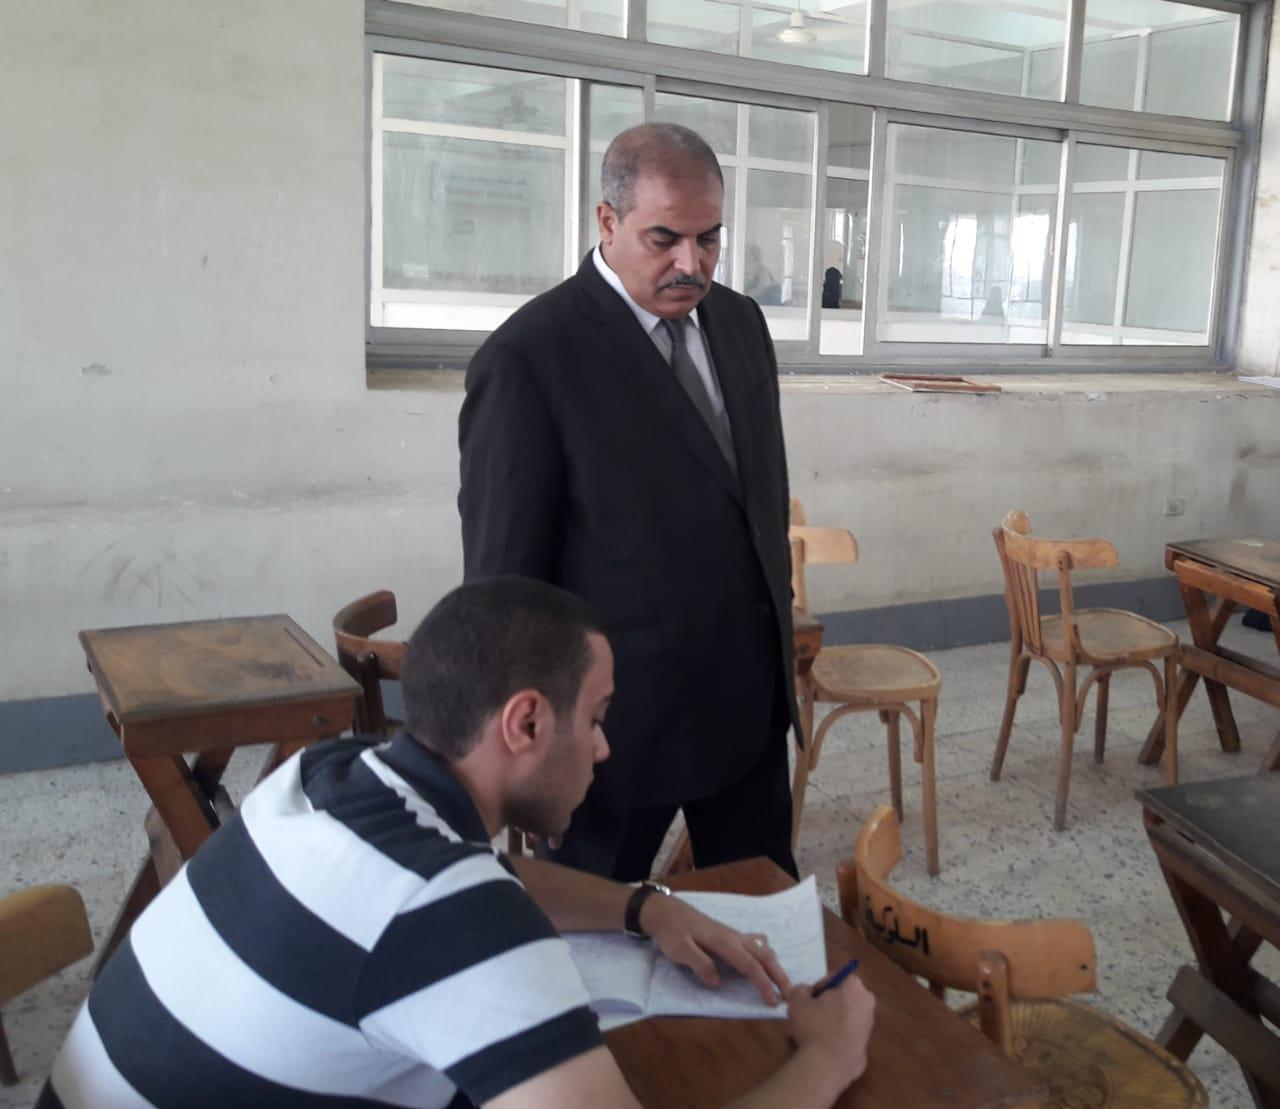 رئيس جامعة الأزهر يتفقد لجان امتحانات الدراسات العليا بكلية الطب (1)